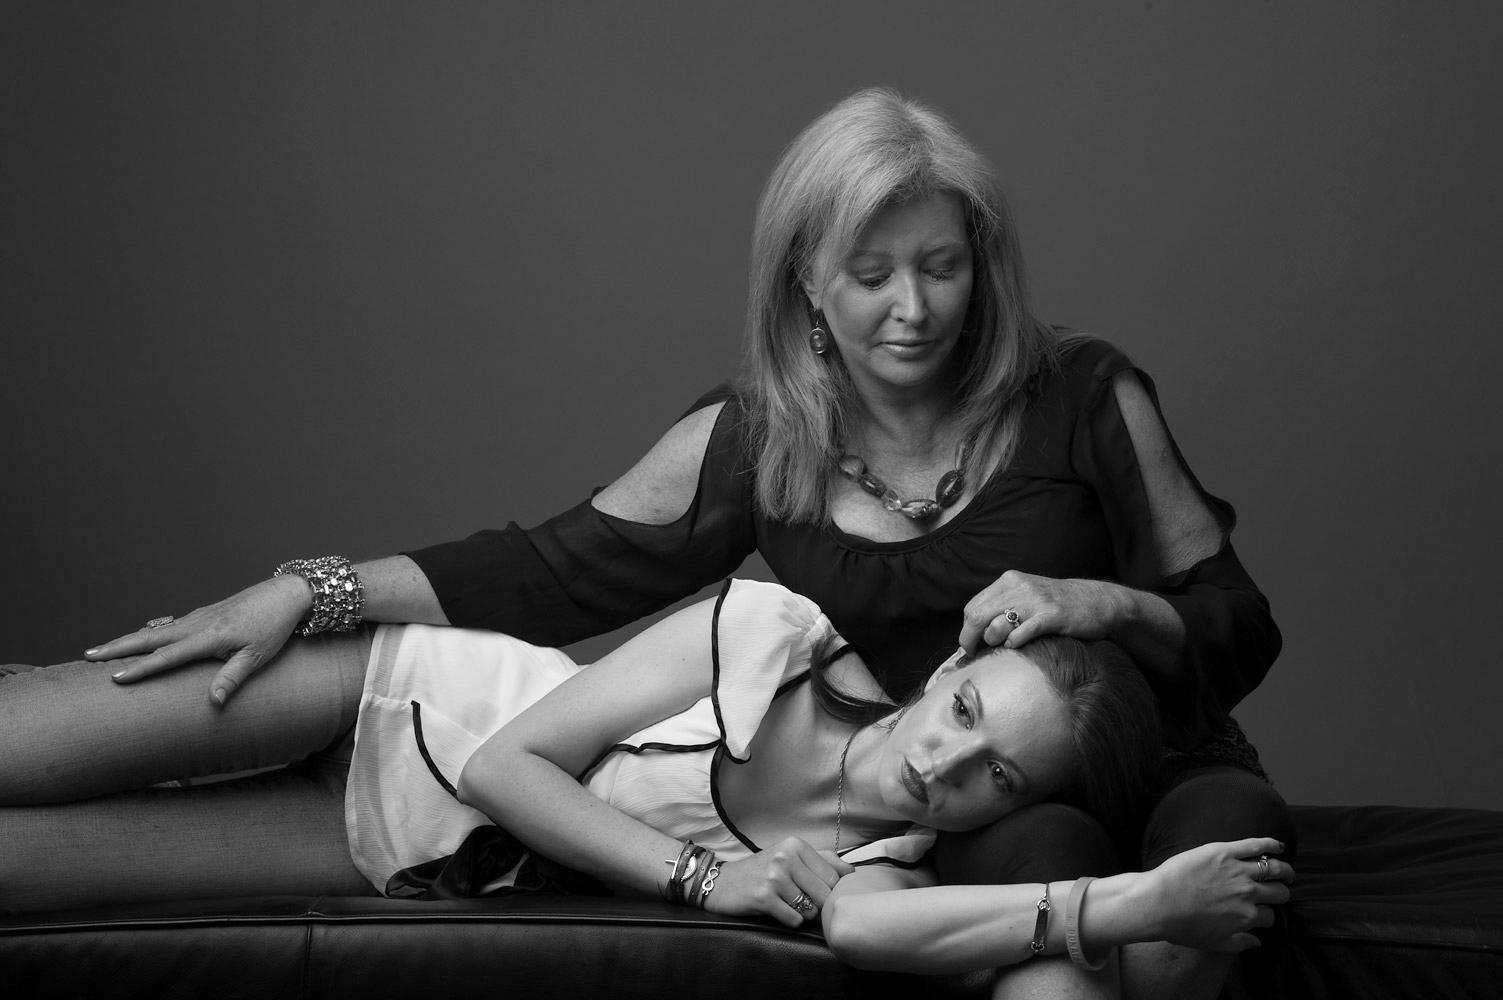 Janie+Lauren_STU9160.jpg